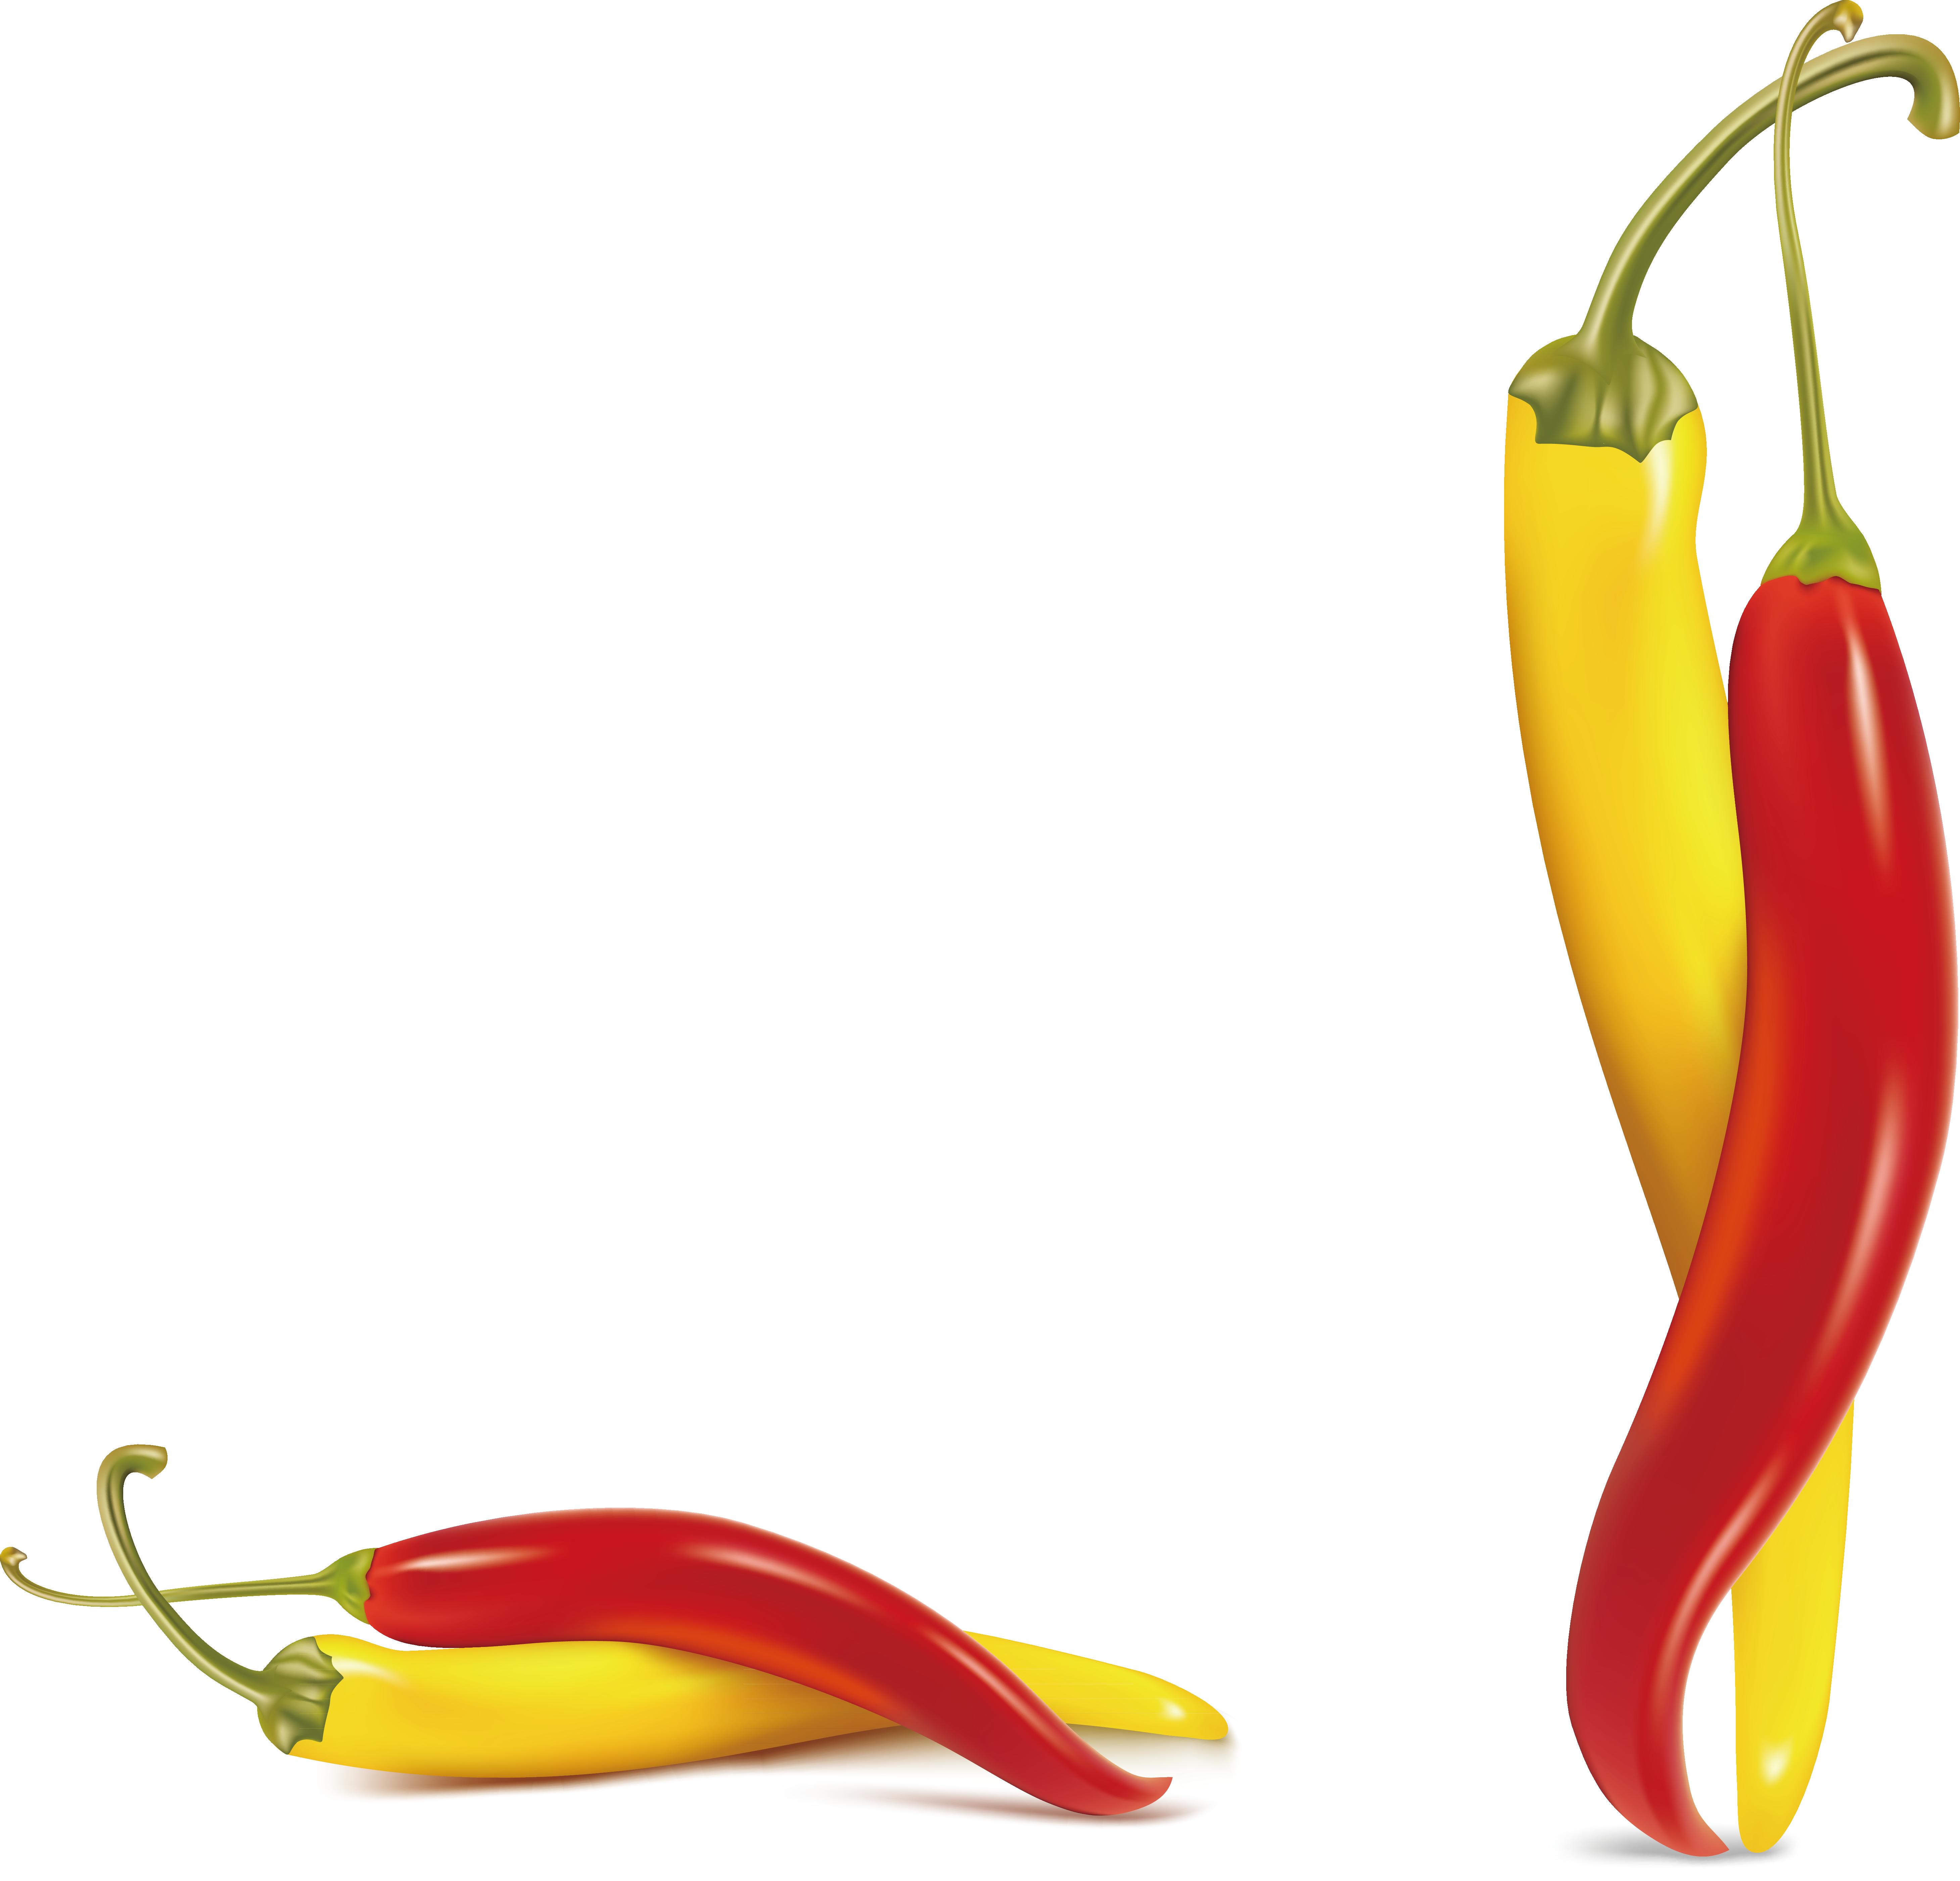 Jalapeno clipart serrano pepper. Pimiento guindilla de cayena